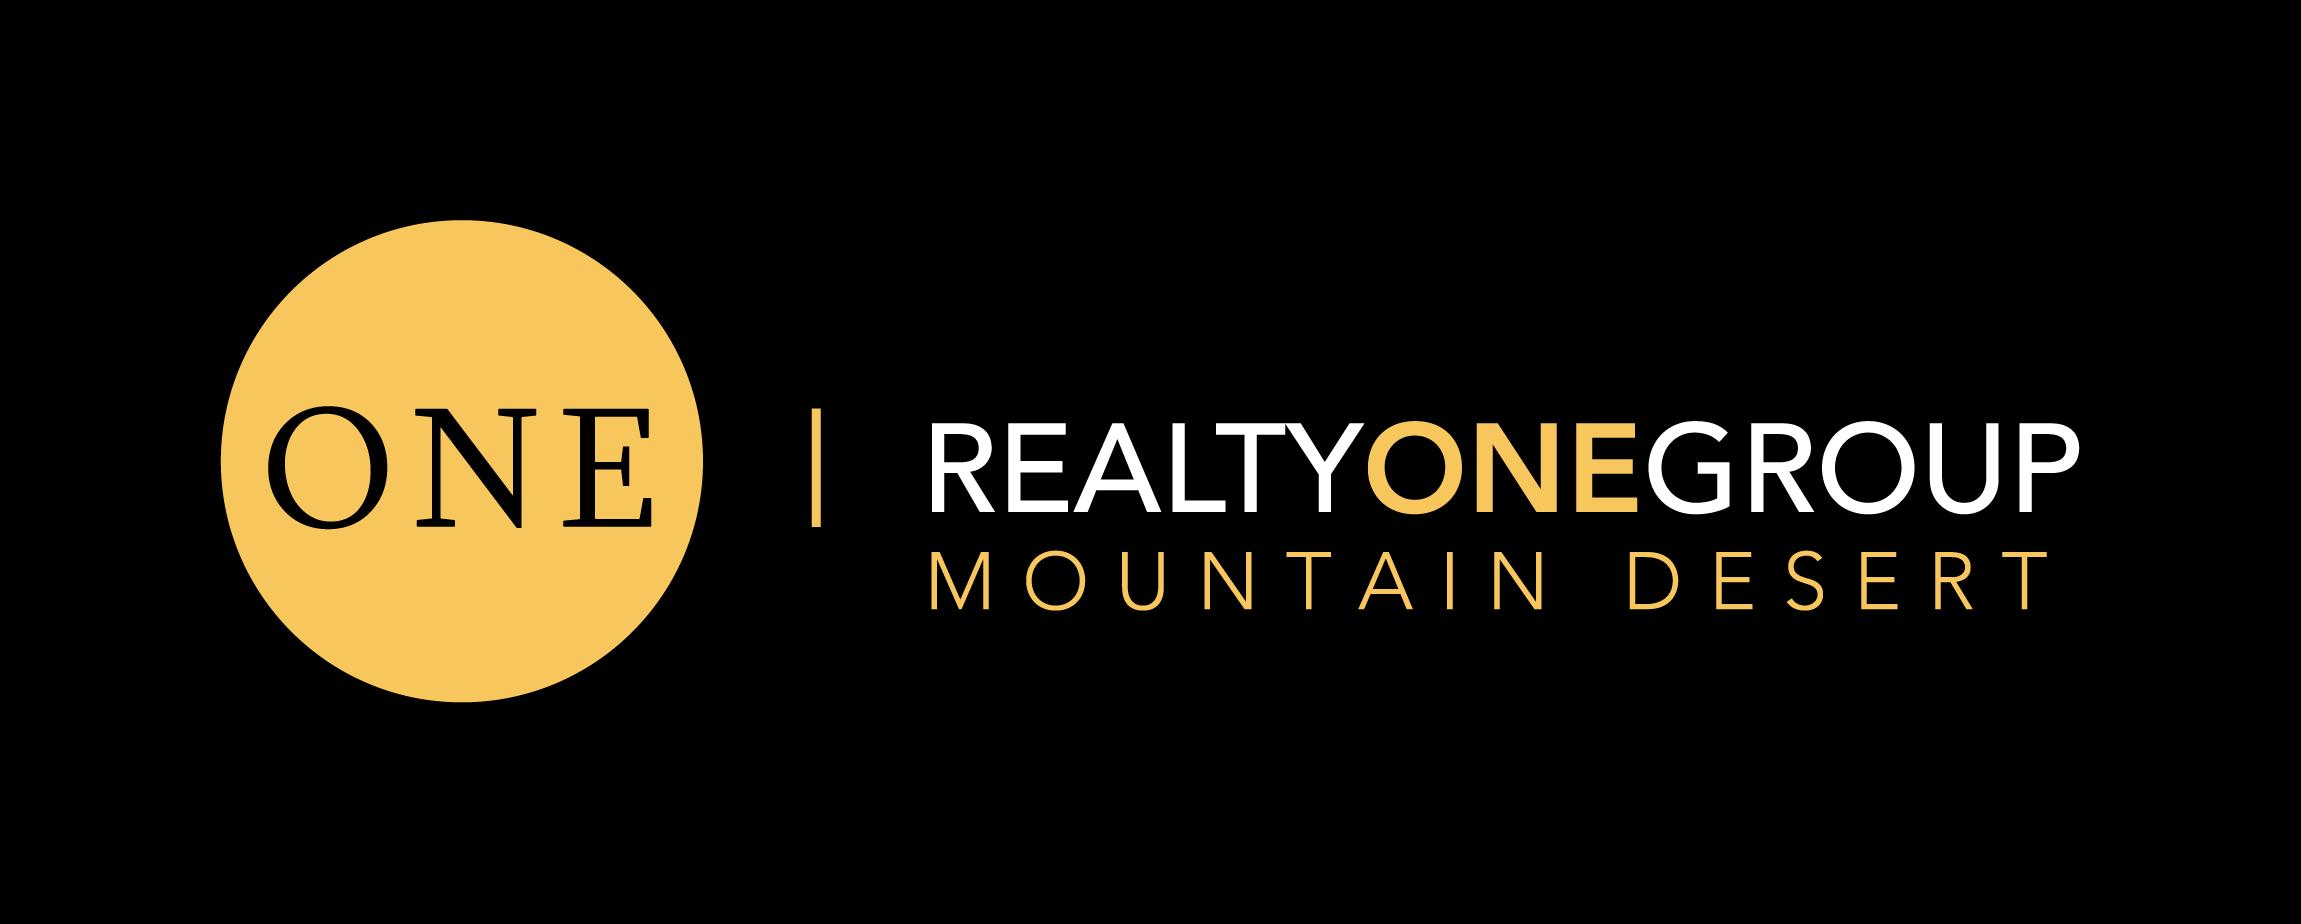 Desert Realty Group 59